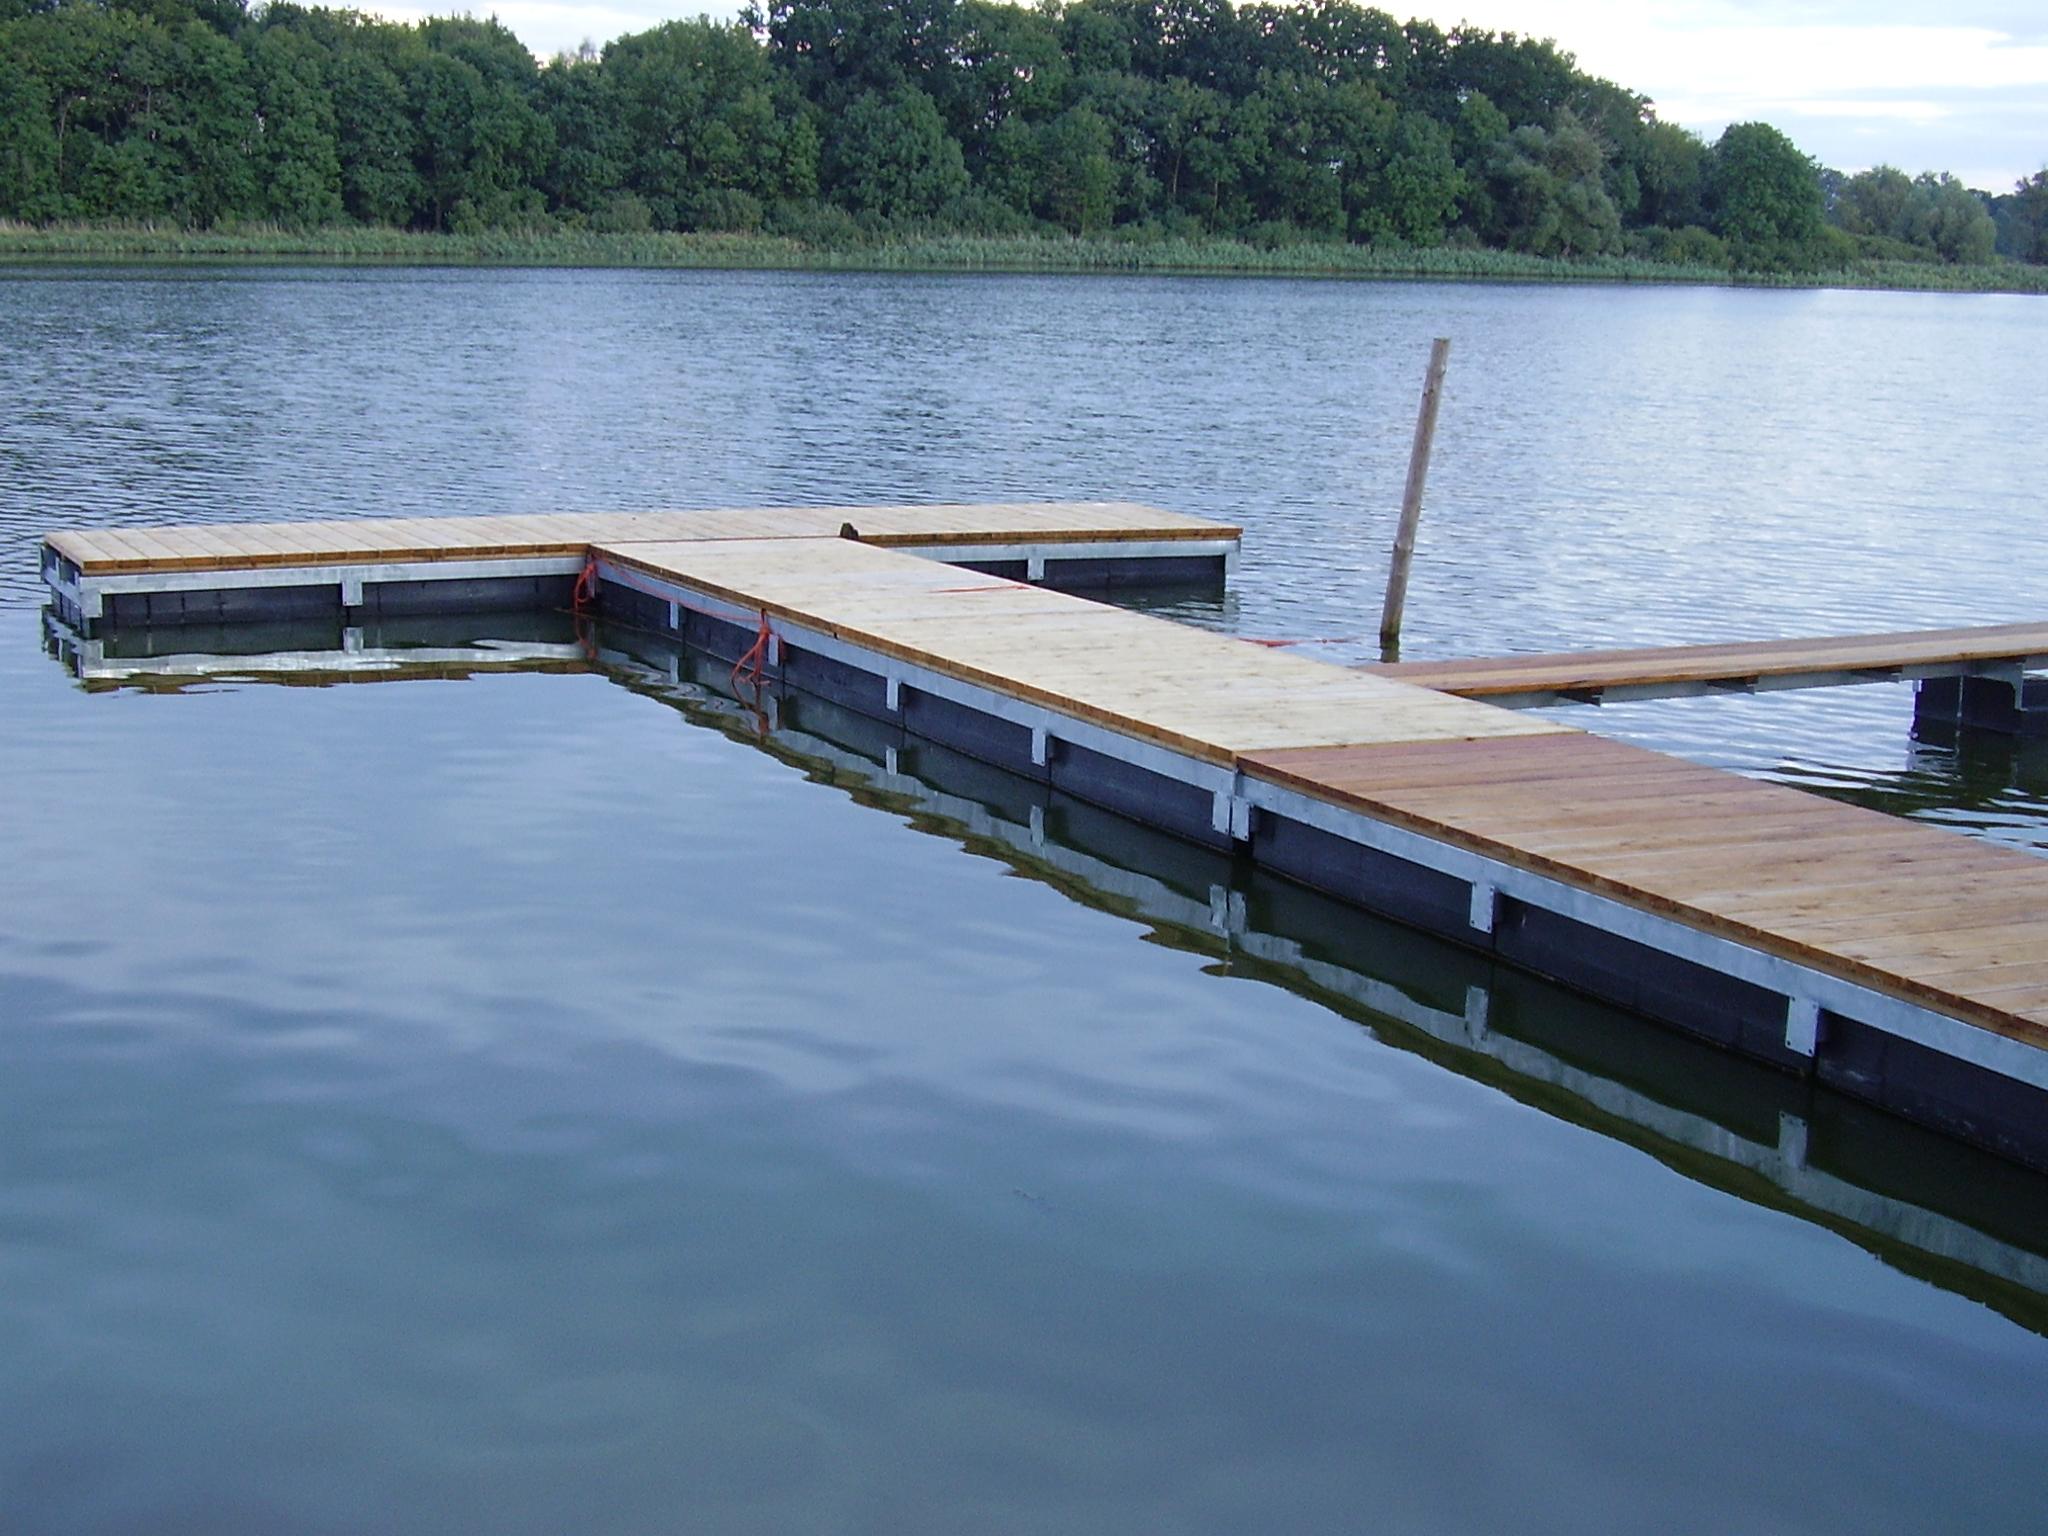 Ein leerer Schwimmsteg bei ruhigem Gewässer